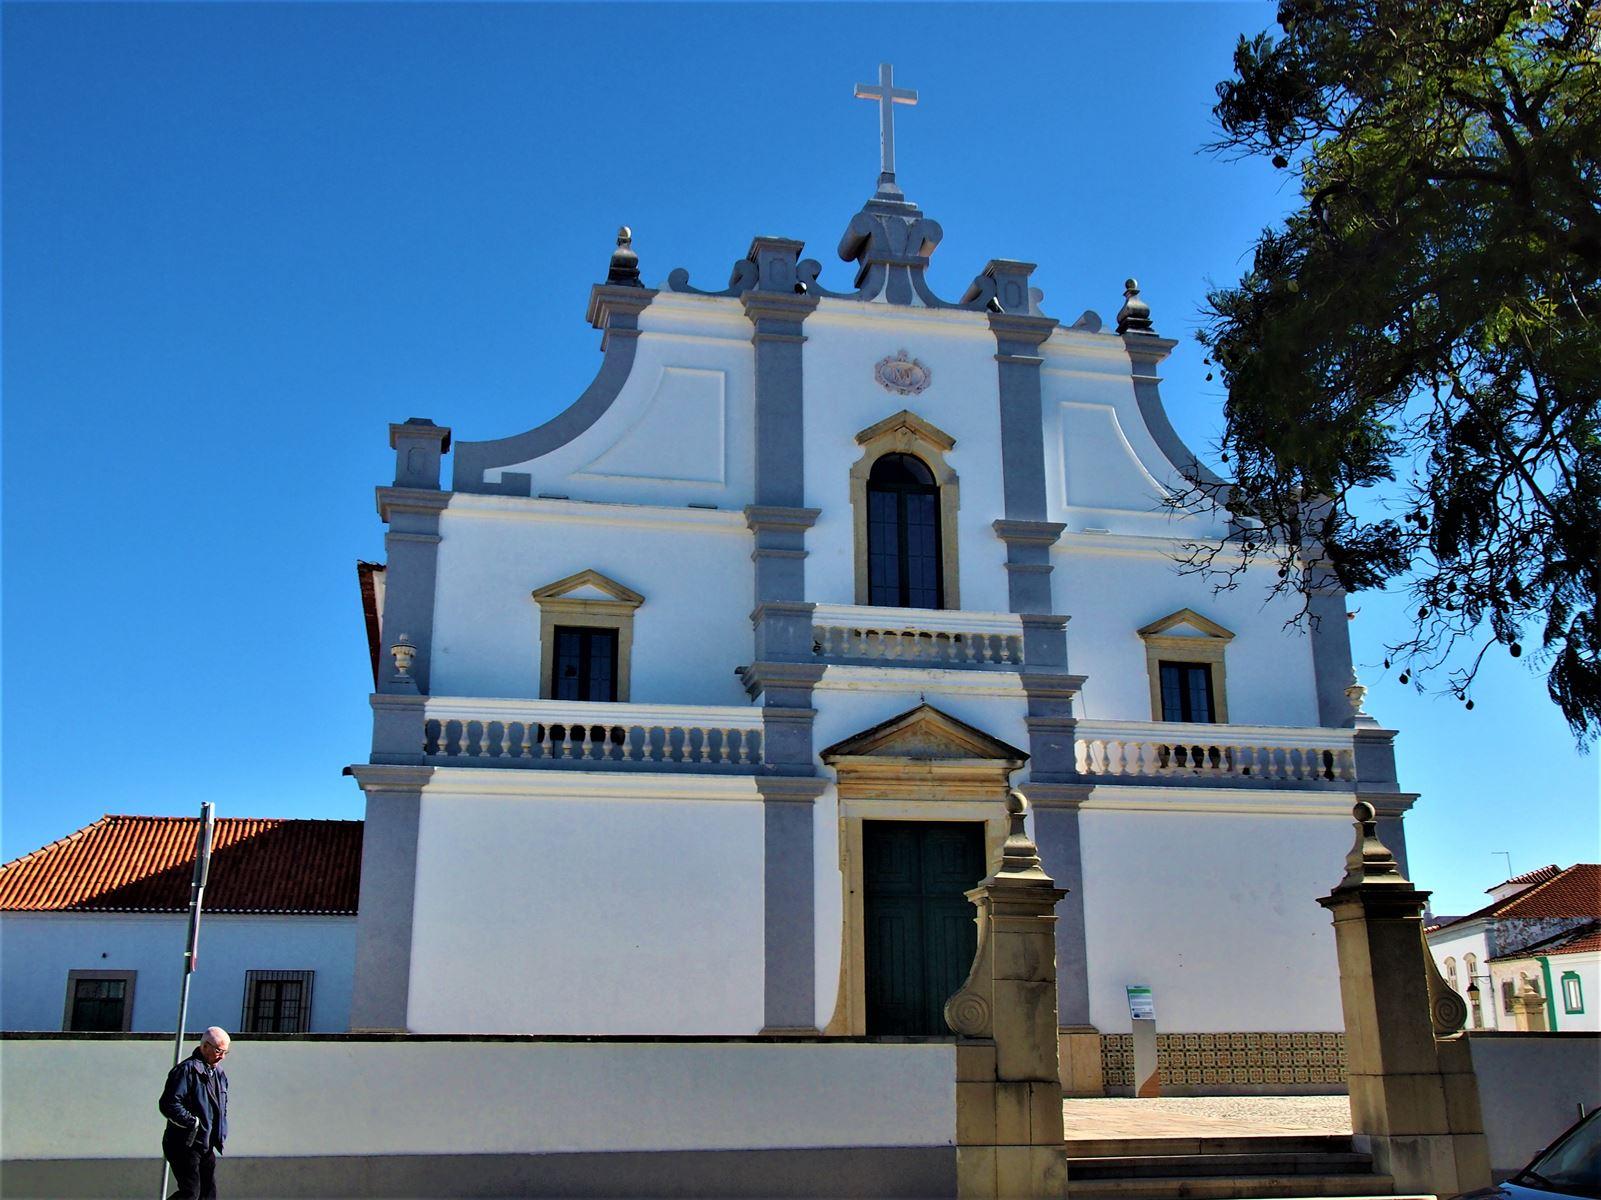 Igreja Matriz de Lagoa - the Mother Church of Lagoa